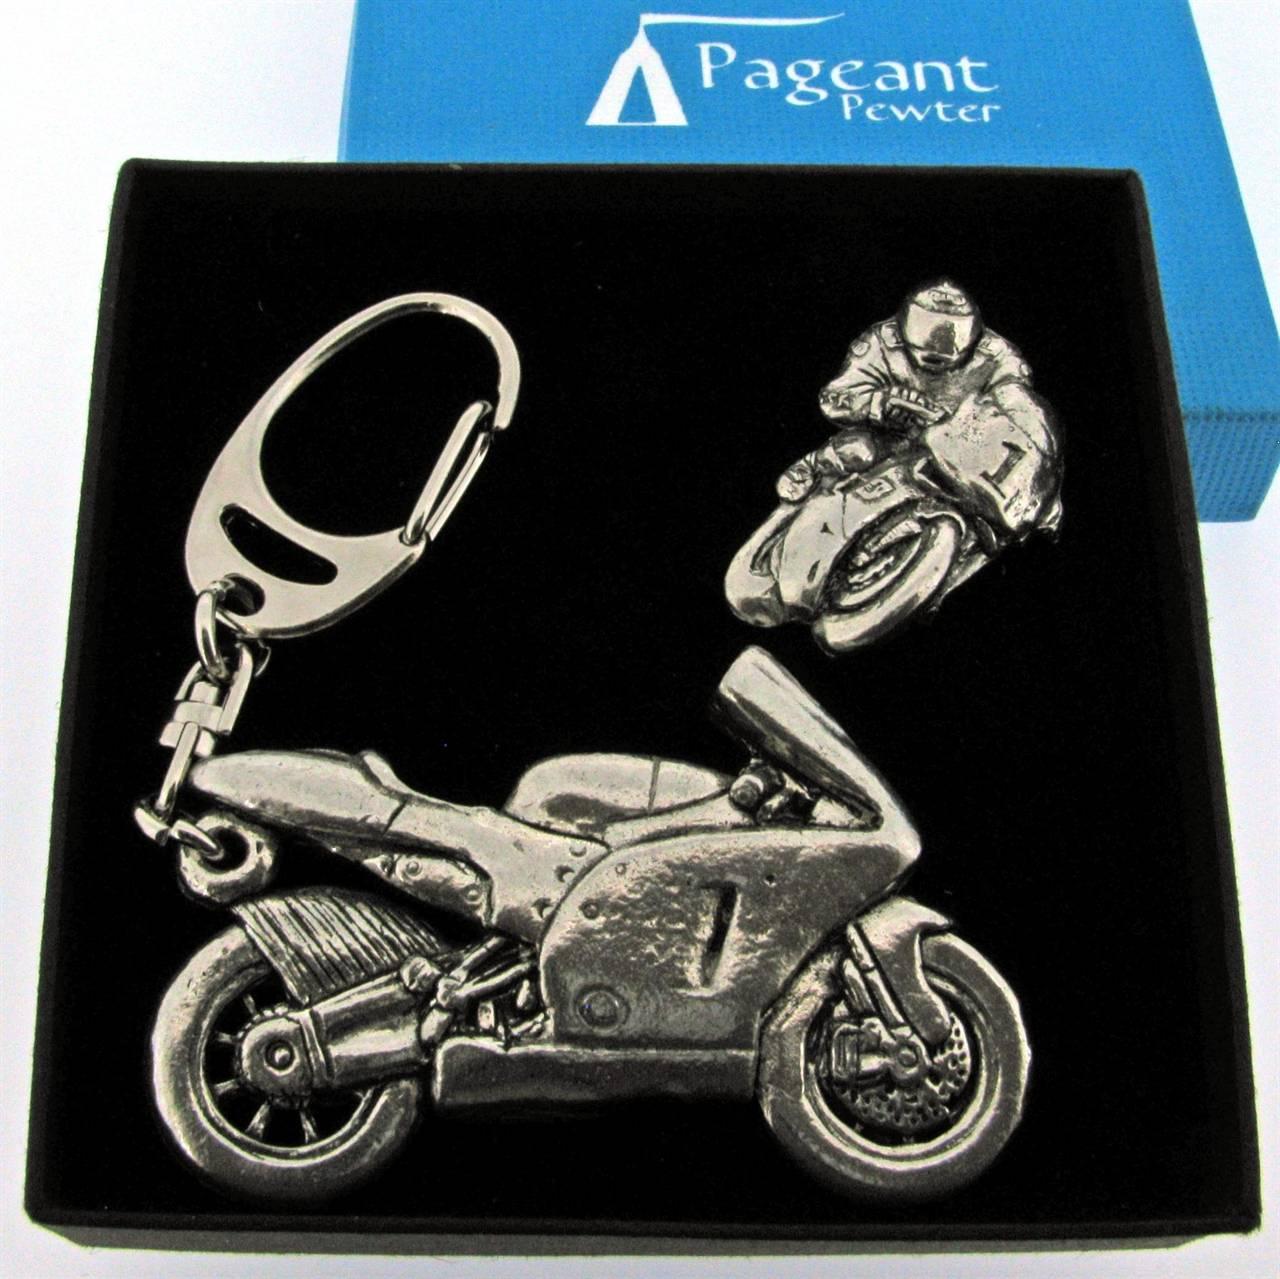 Sports Bike Motorcycle Pewter Keyring And Pin Badge Gift Set